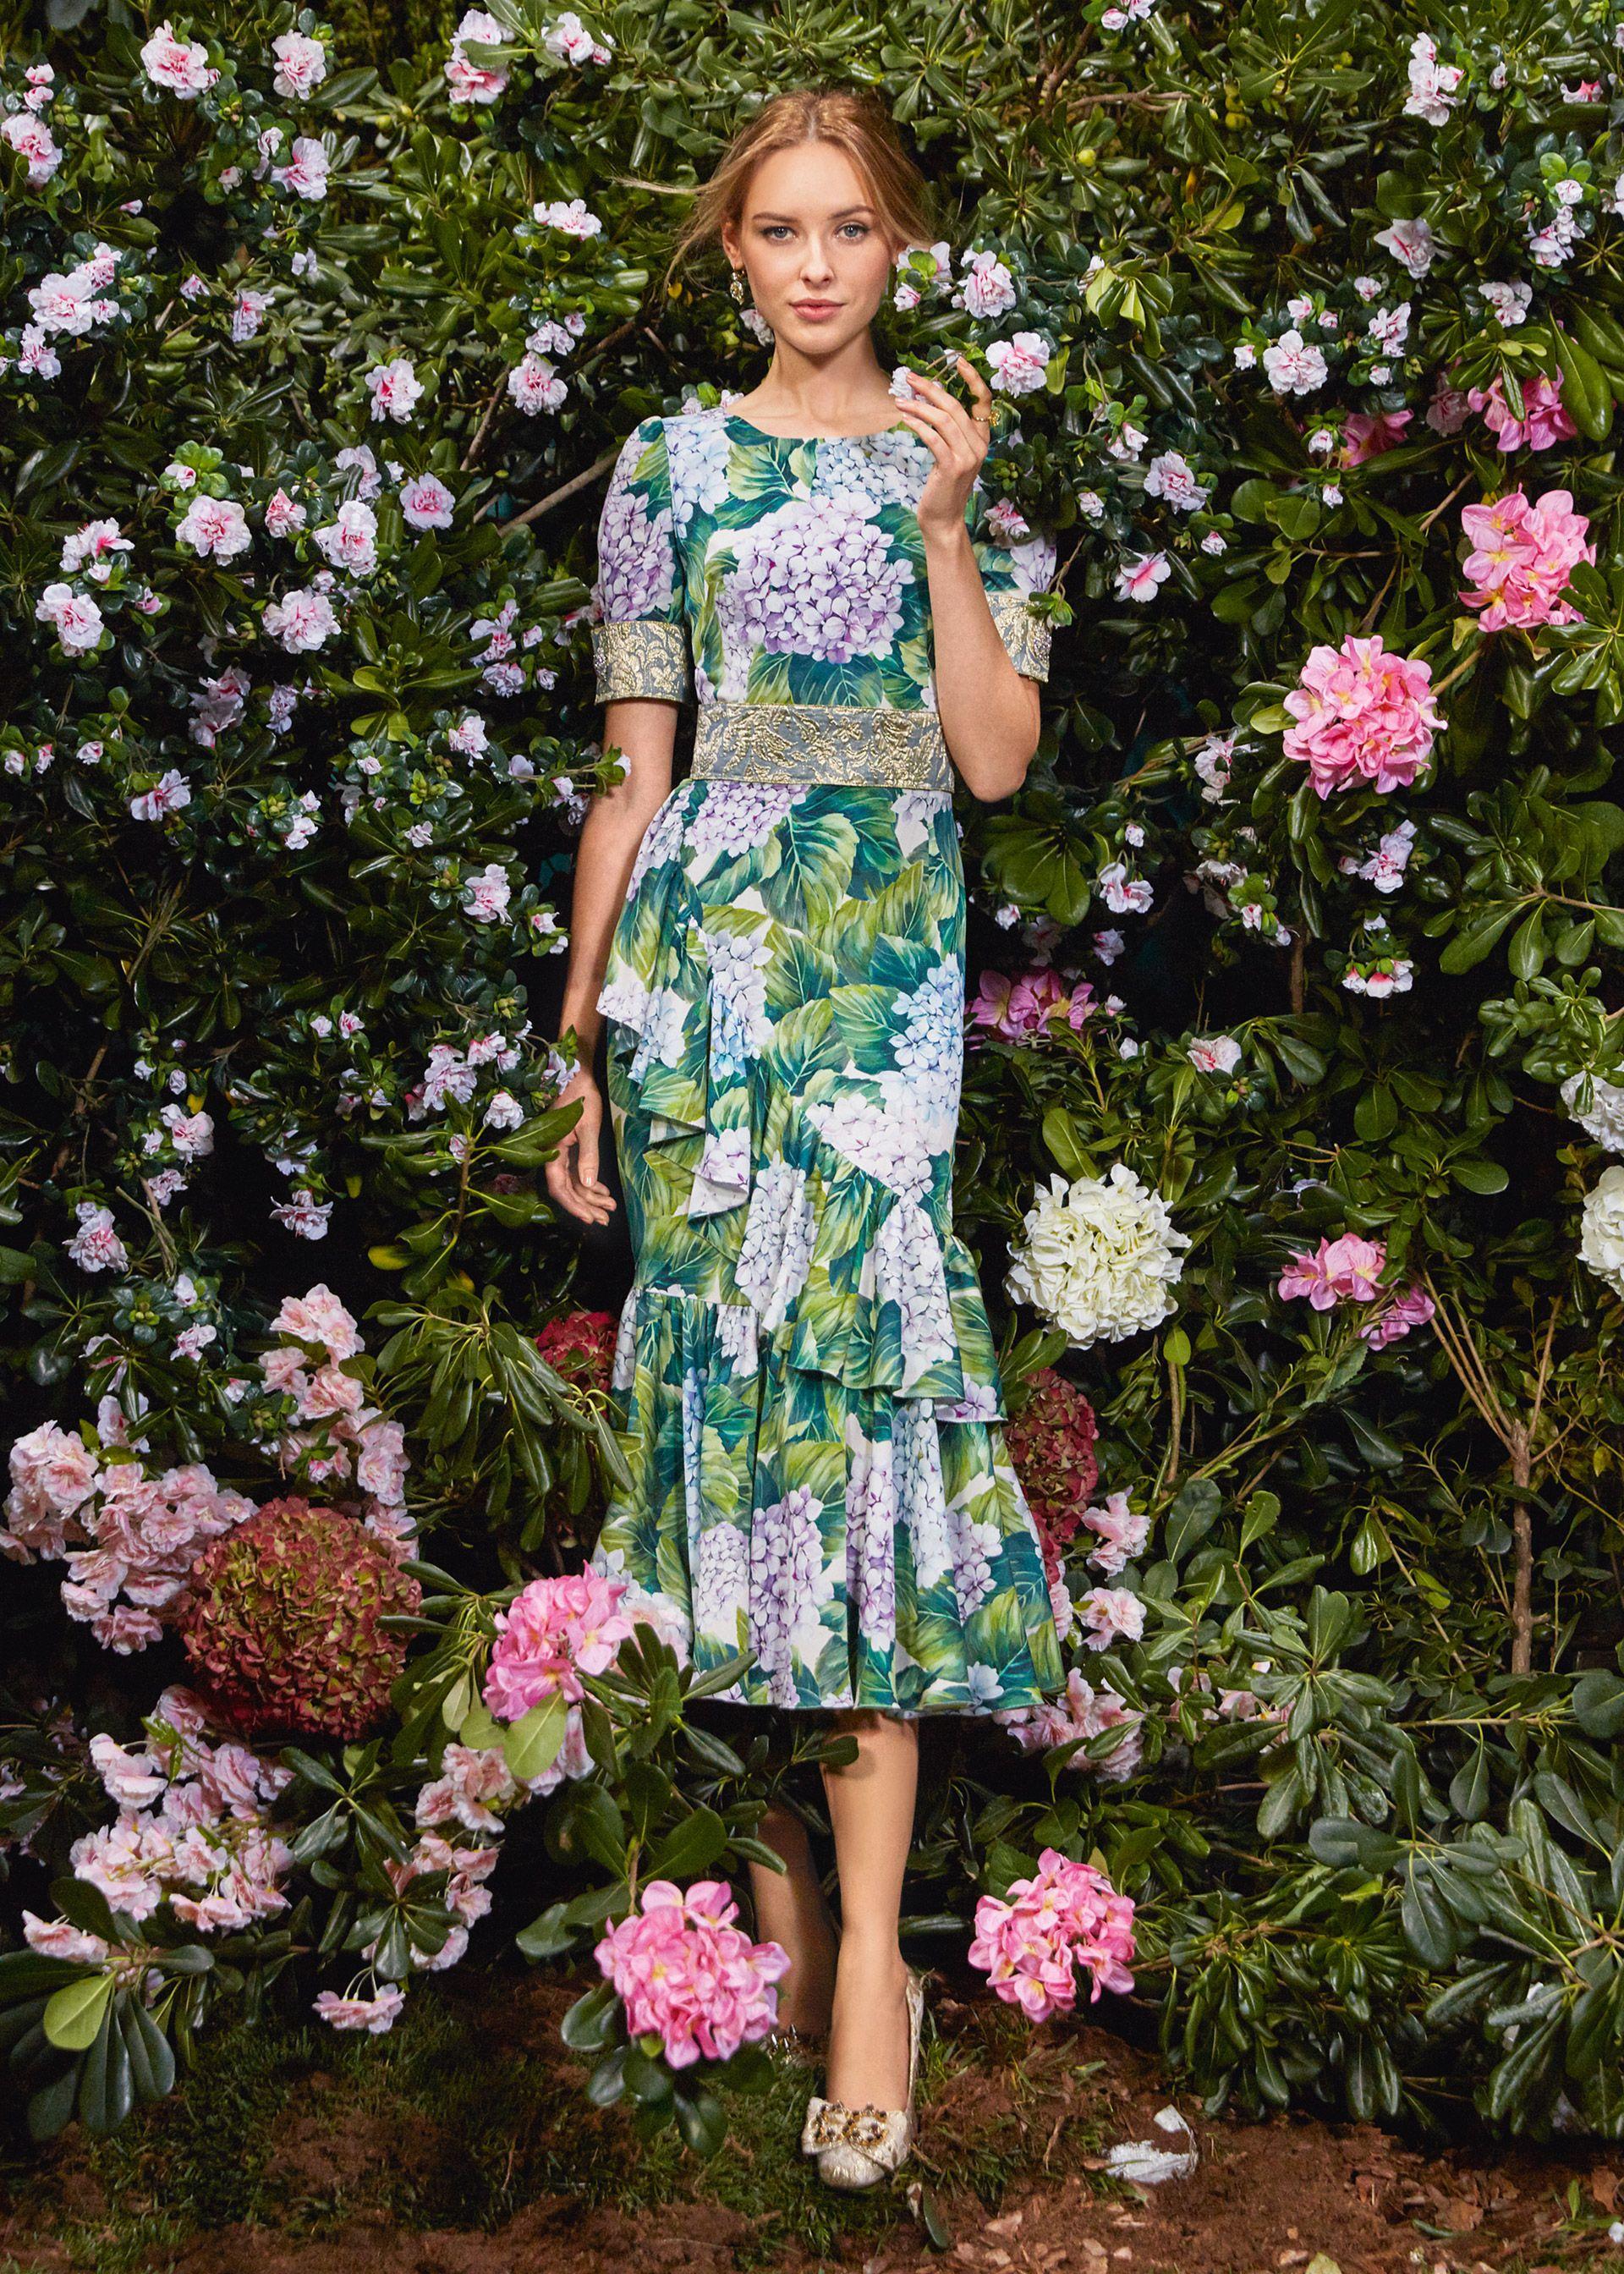 Scopri Dolce   Gabbana Collezione Donna Autunno Inverno 2017-18 Ortensia e  lasciati ispirare. 8ab4b799d6a